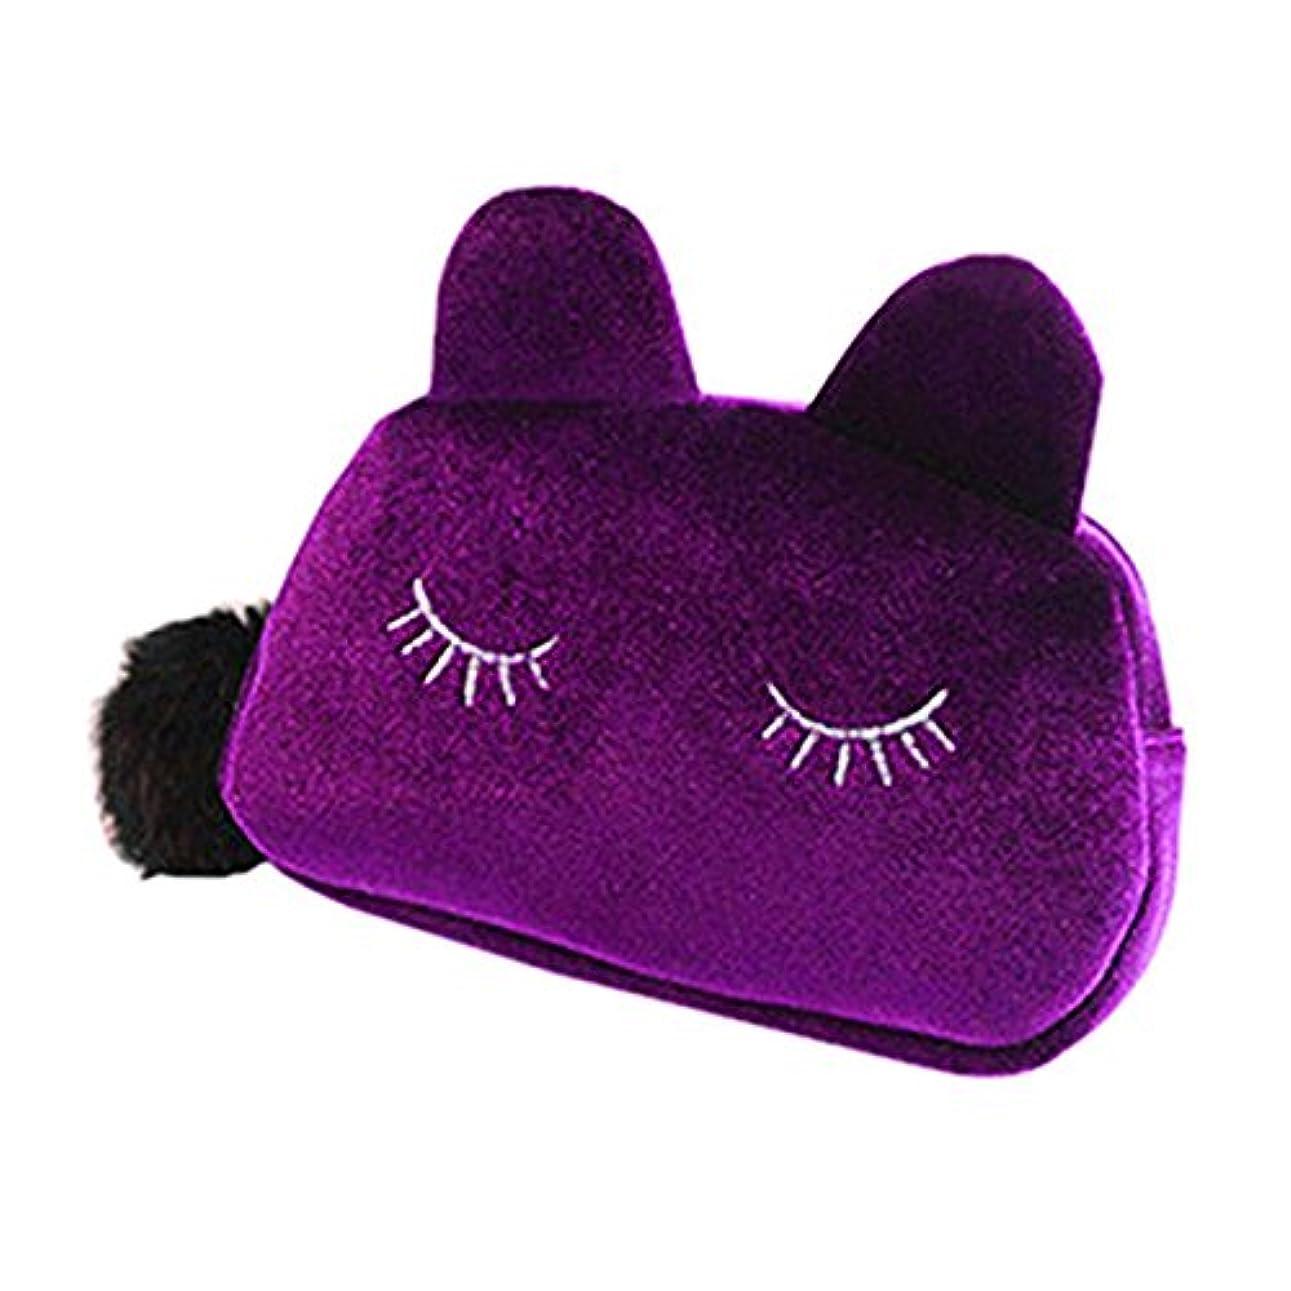 読書をする太いパンチ猫 化粧ポーチ バニティベロア ポンポン付き パープル